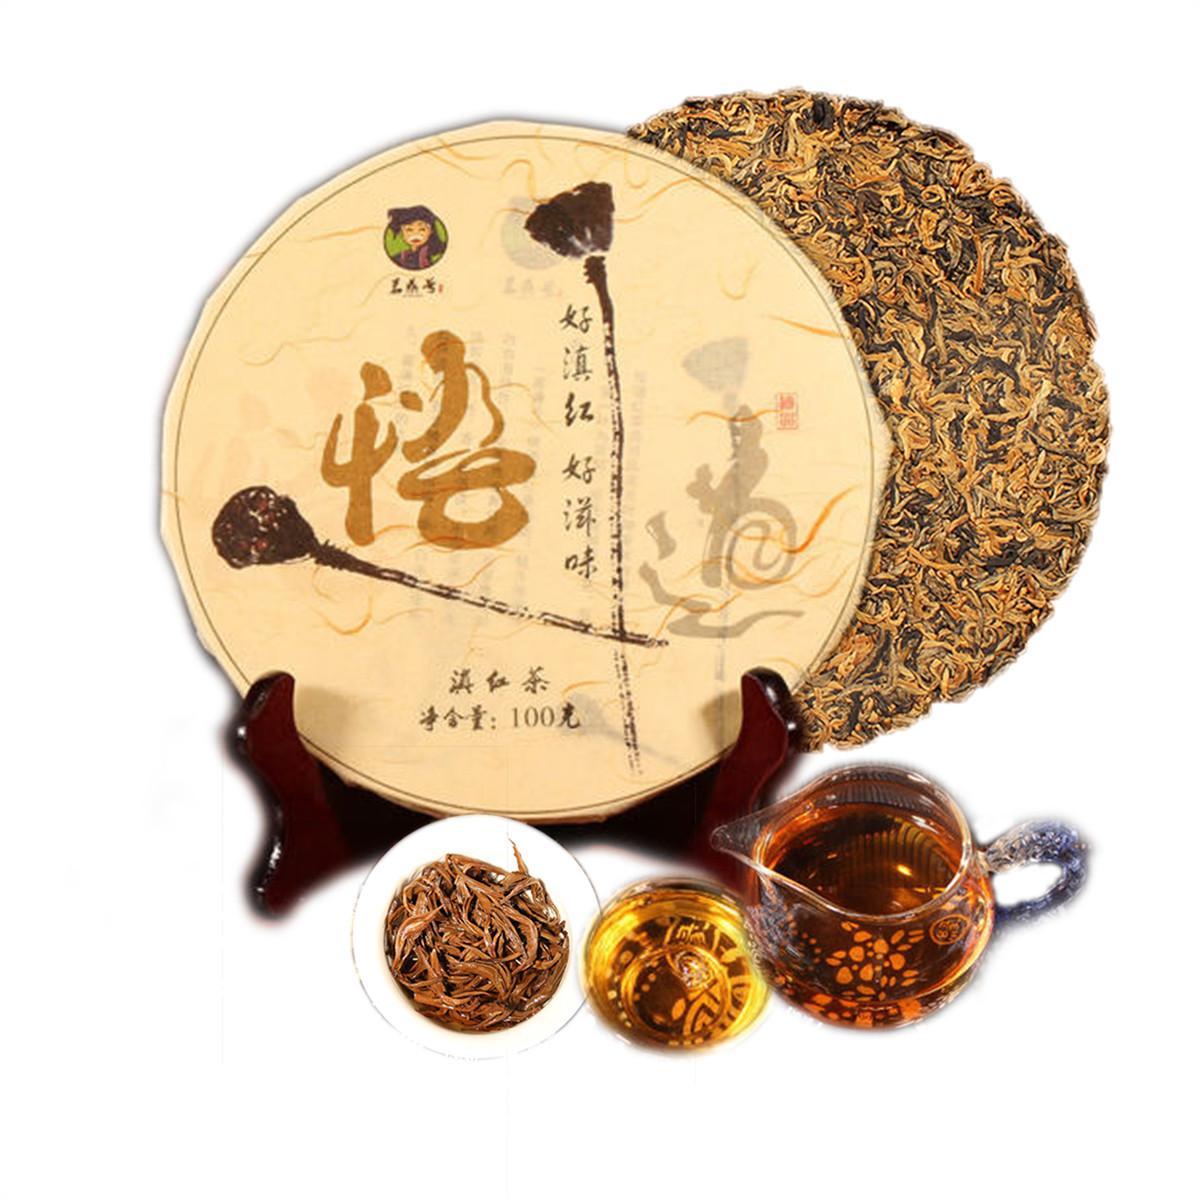 100 г Китайский органический черный чай Юньнань мини торт золотые бутоны Dianhong красный чай здравоохранение новый приготовленный чай зеленый пищевой завод Прямые продажи